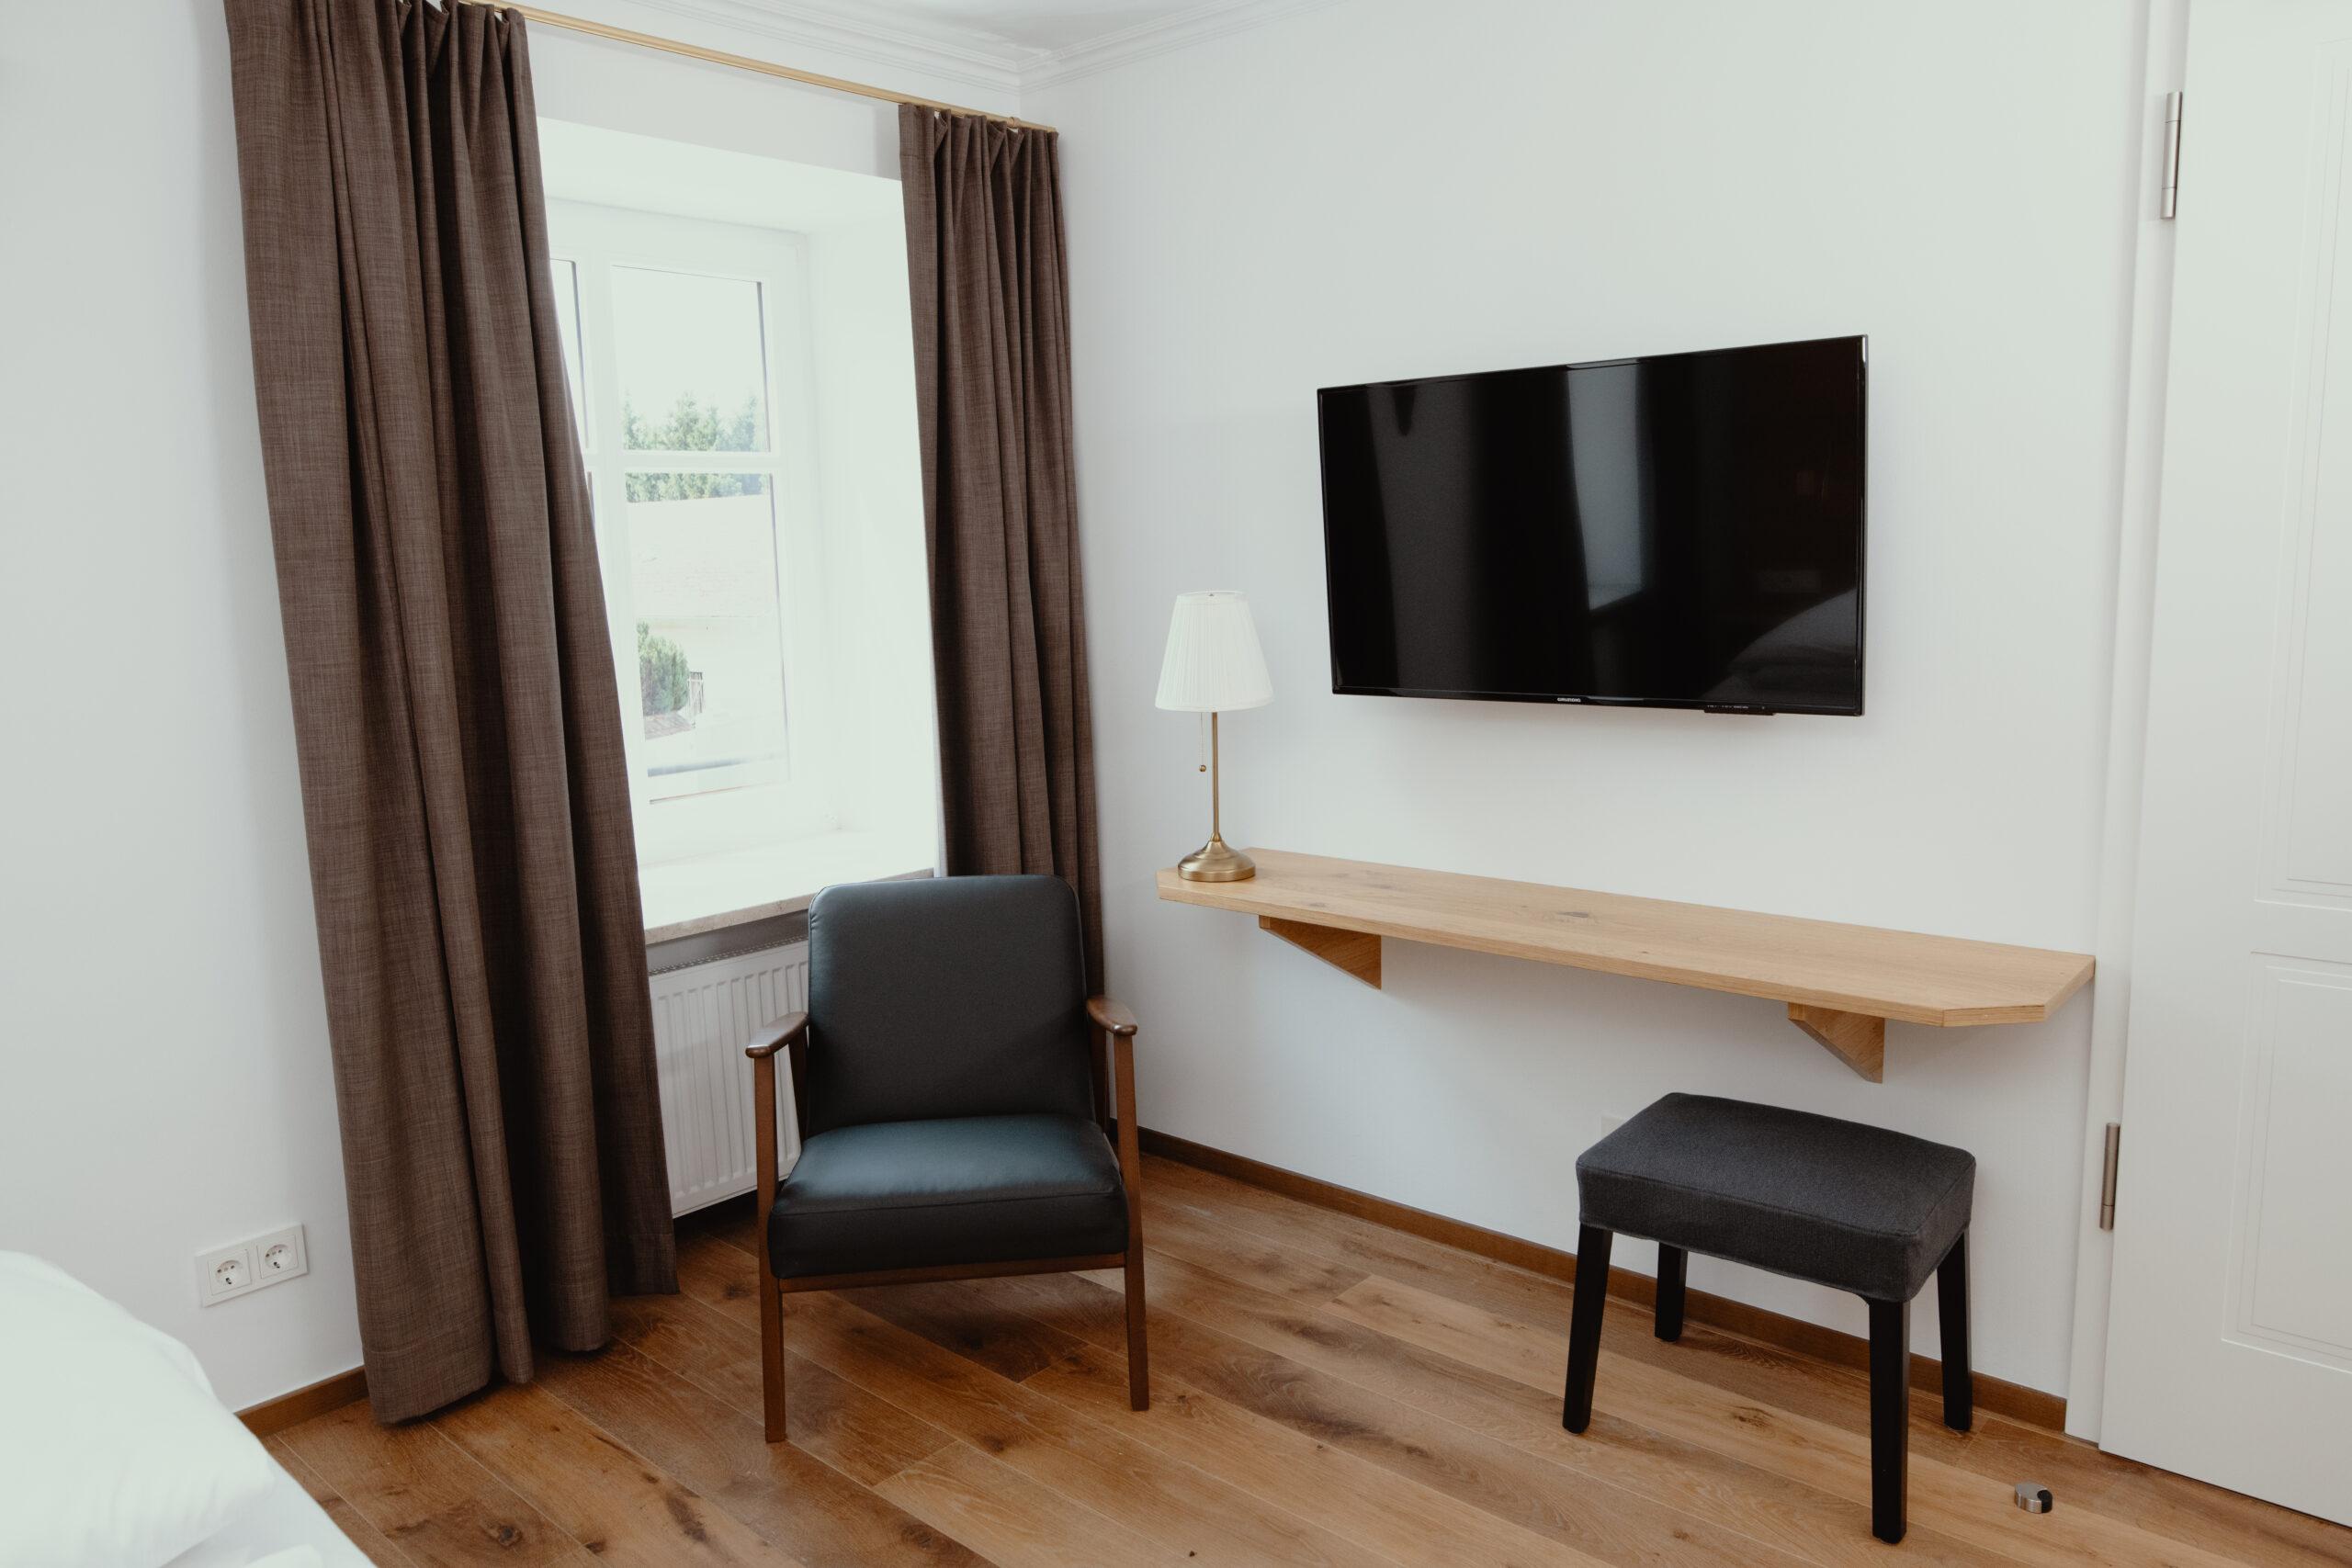 Hotel Schierling